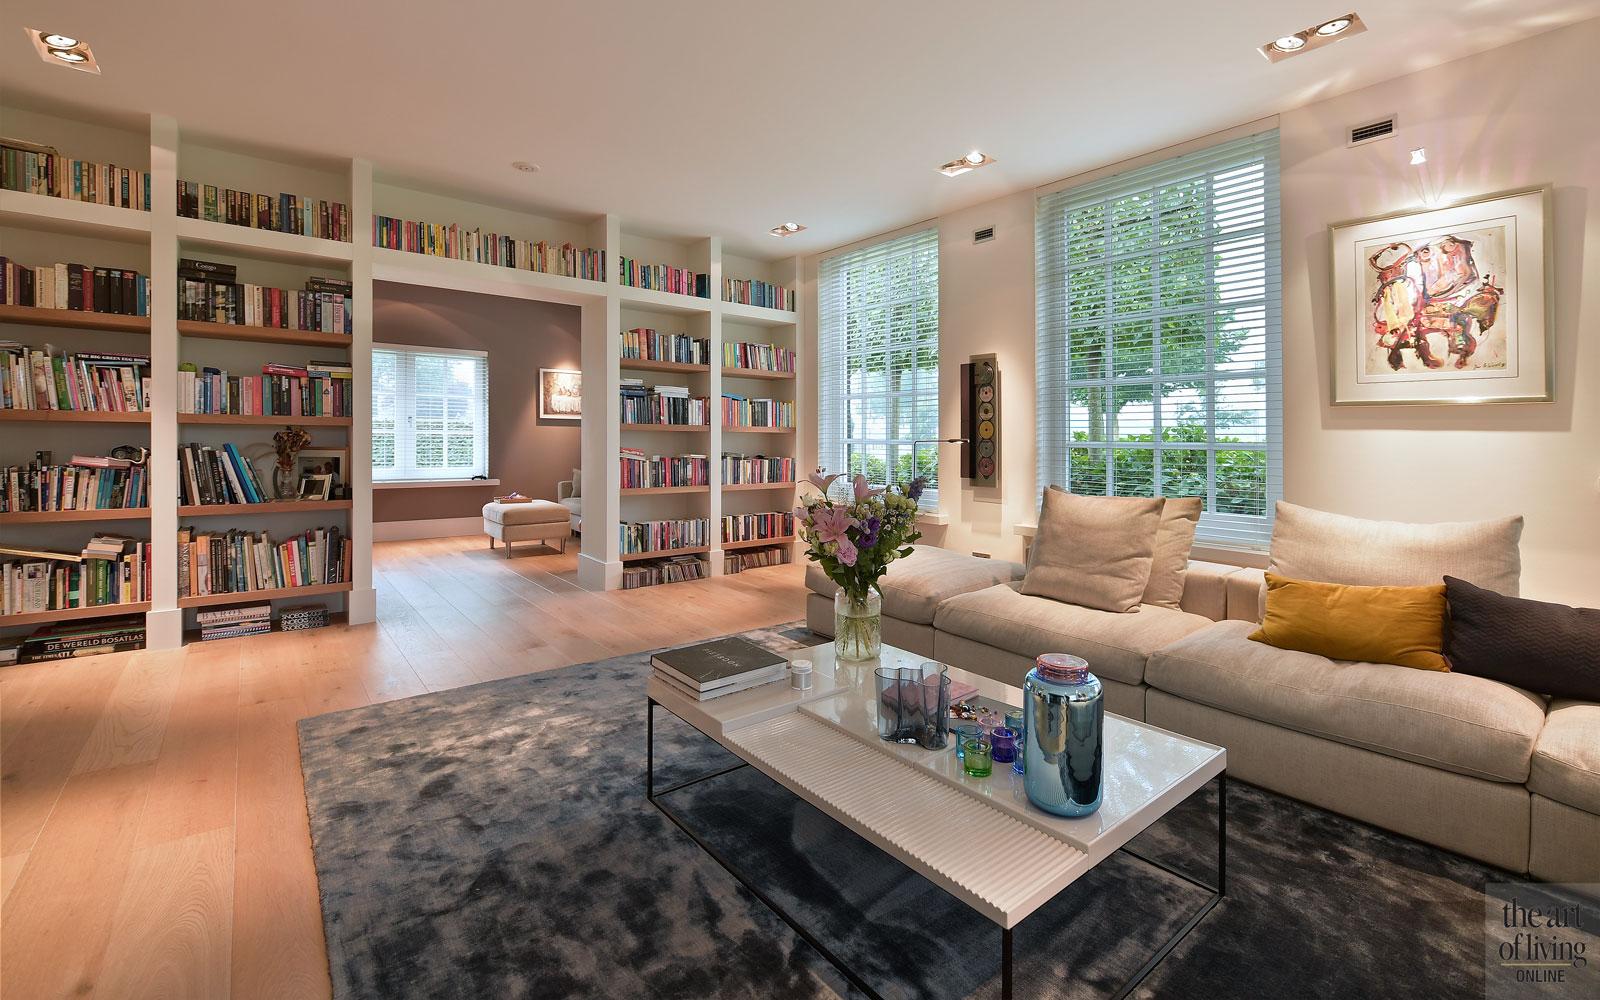 Woonkamer Van Djs : Villa in boederijstijl stalendeurenhuys woonkamer the art of